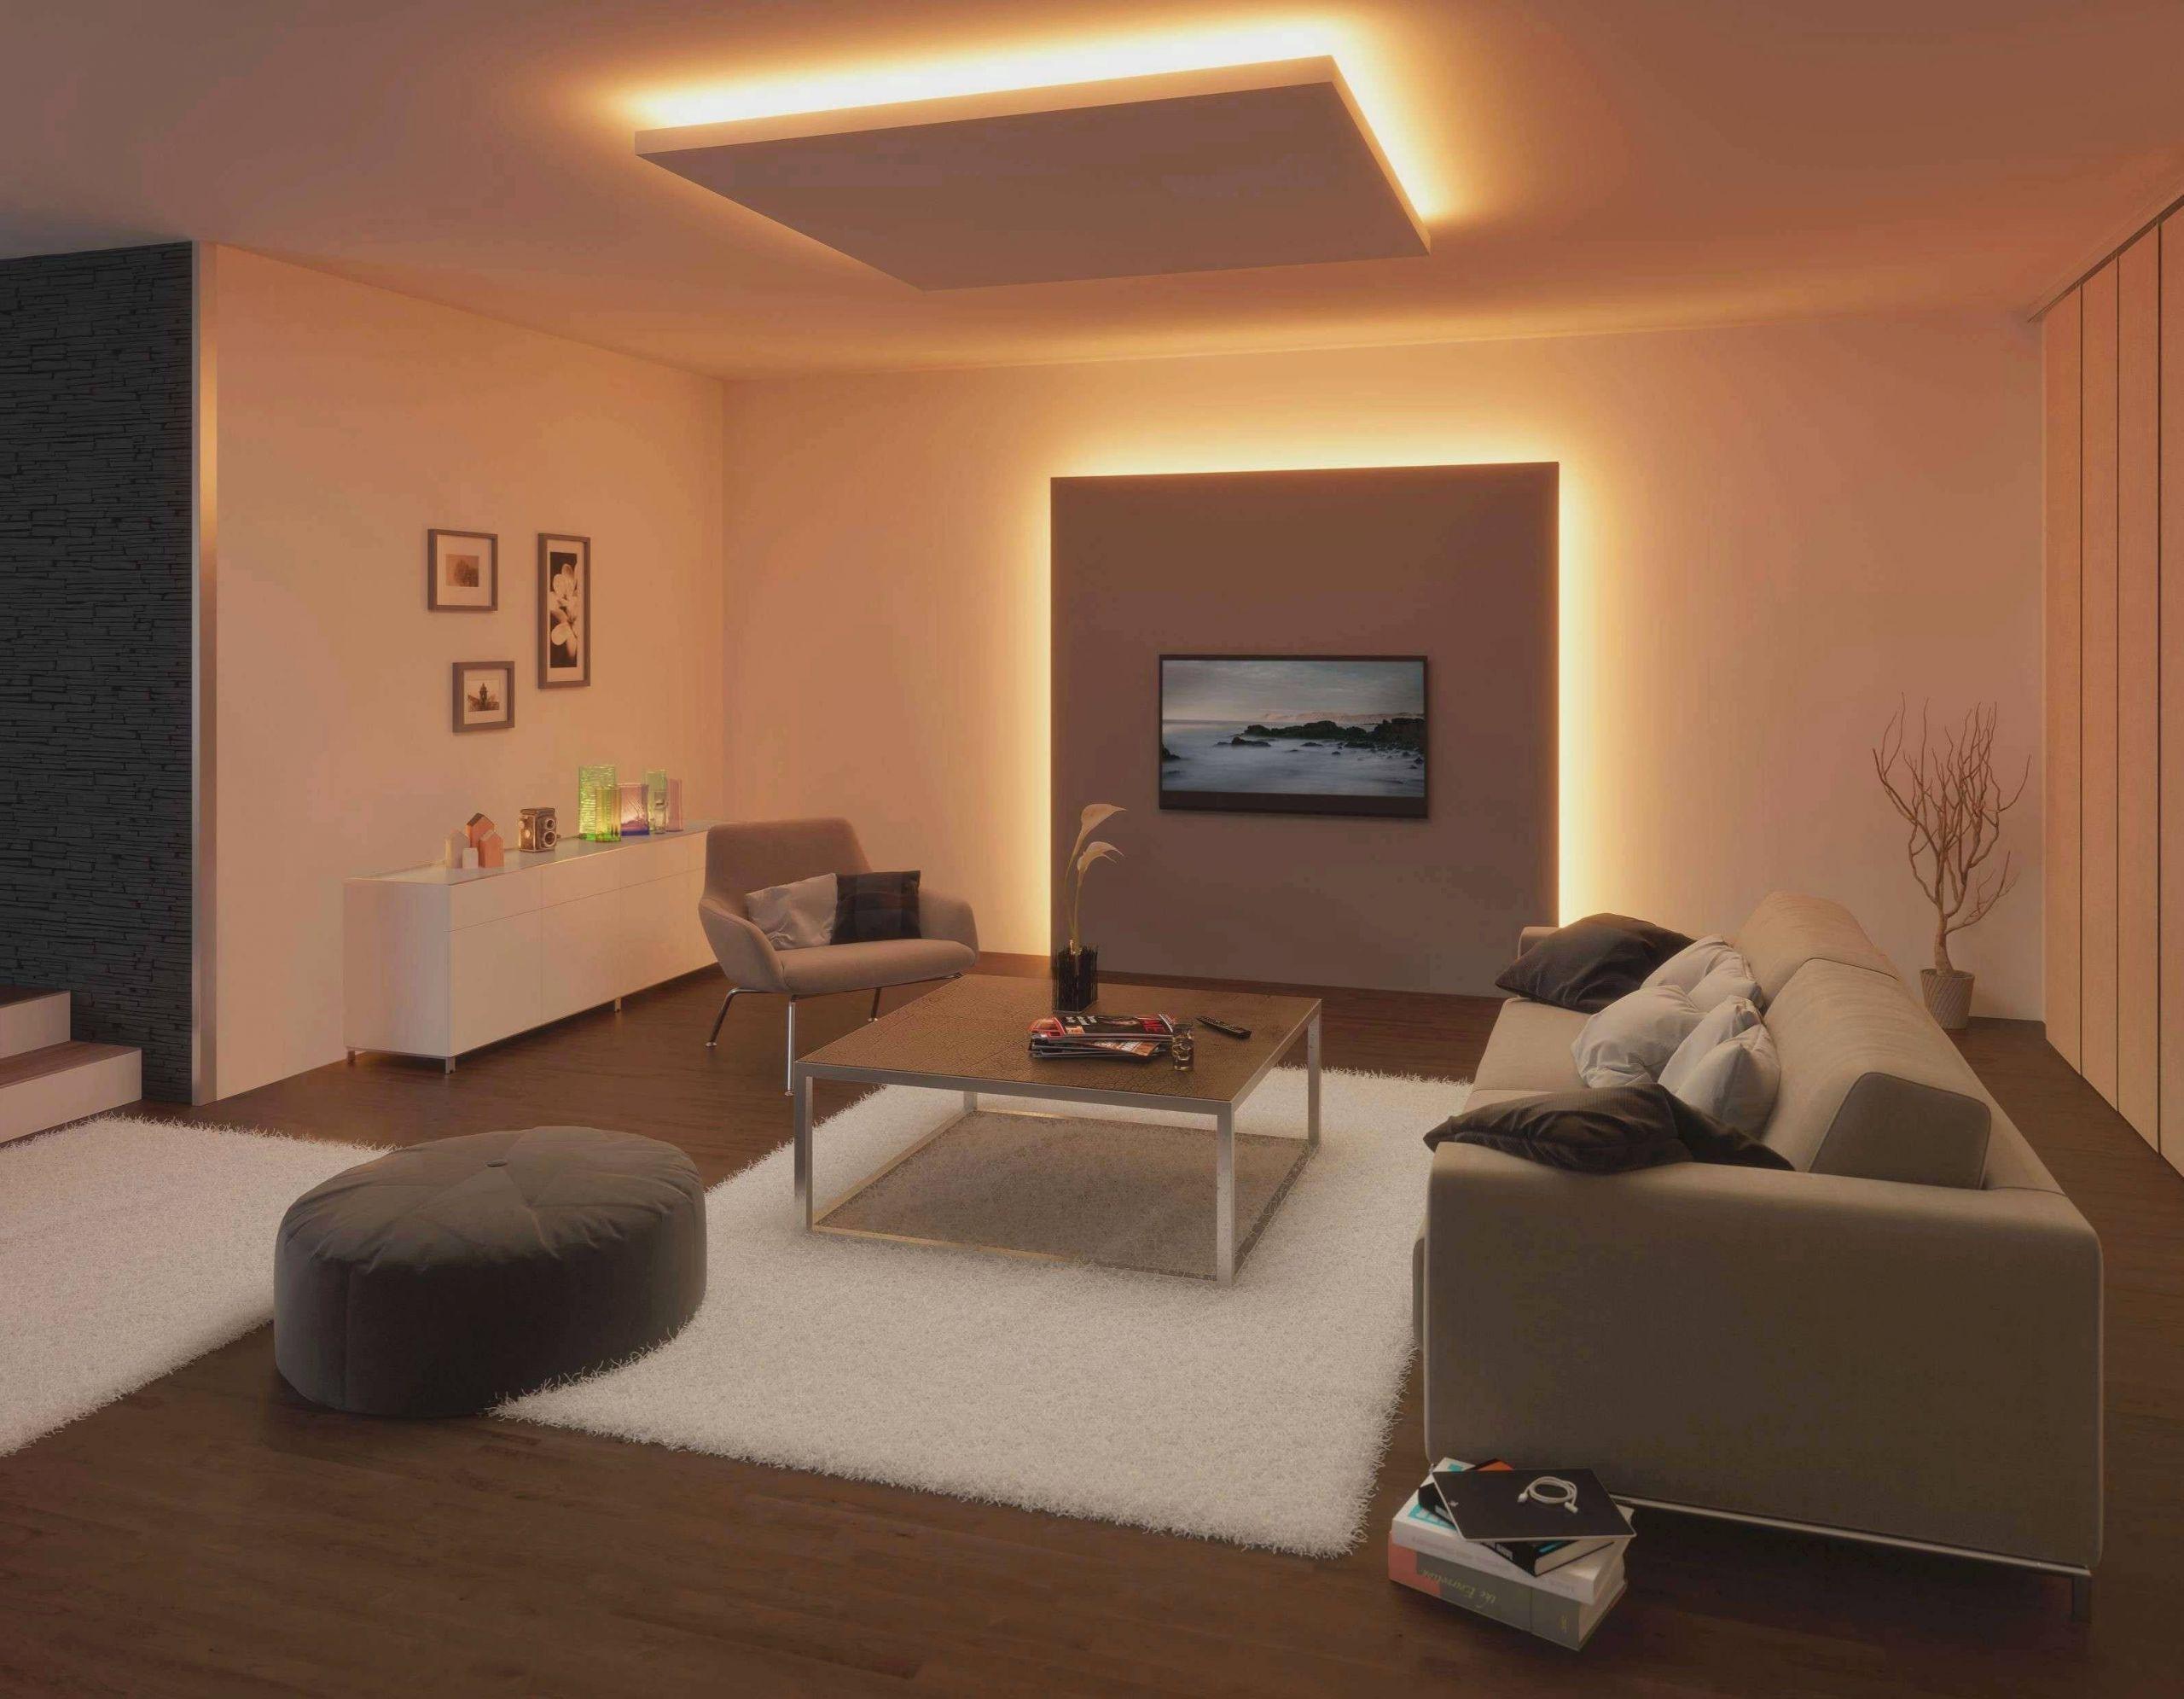 moderne wohnzimmer deko fresh 55 das beste von moderne kamin ideen of moderne wohnzimmer deko